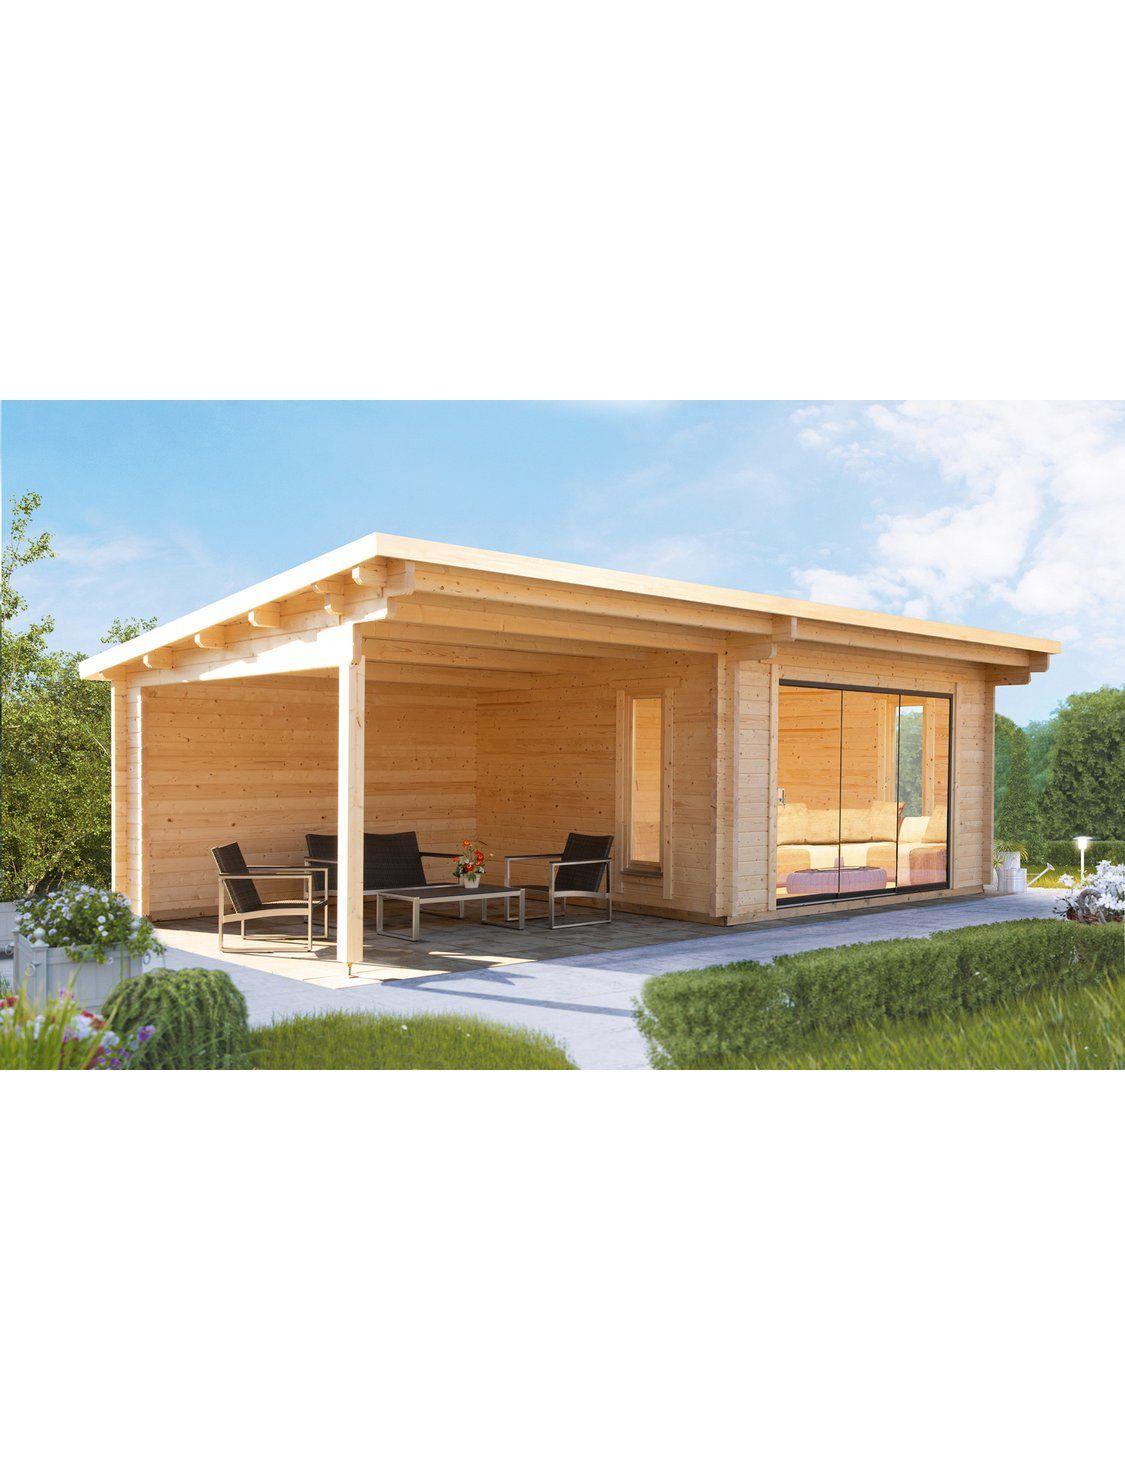 Wolff Finnhaus Holz Gartenhaus Trondheim 70 D Bxt 830x360cm Rechts 380cm Anbau Kaufen Bei Obi Gartenhaus Pultdach Trondheim